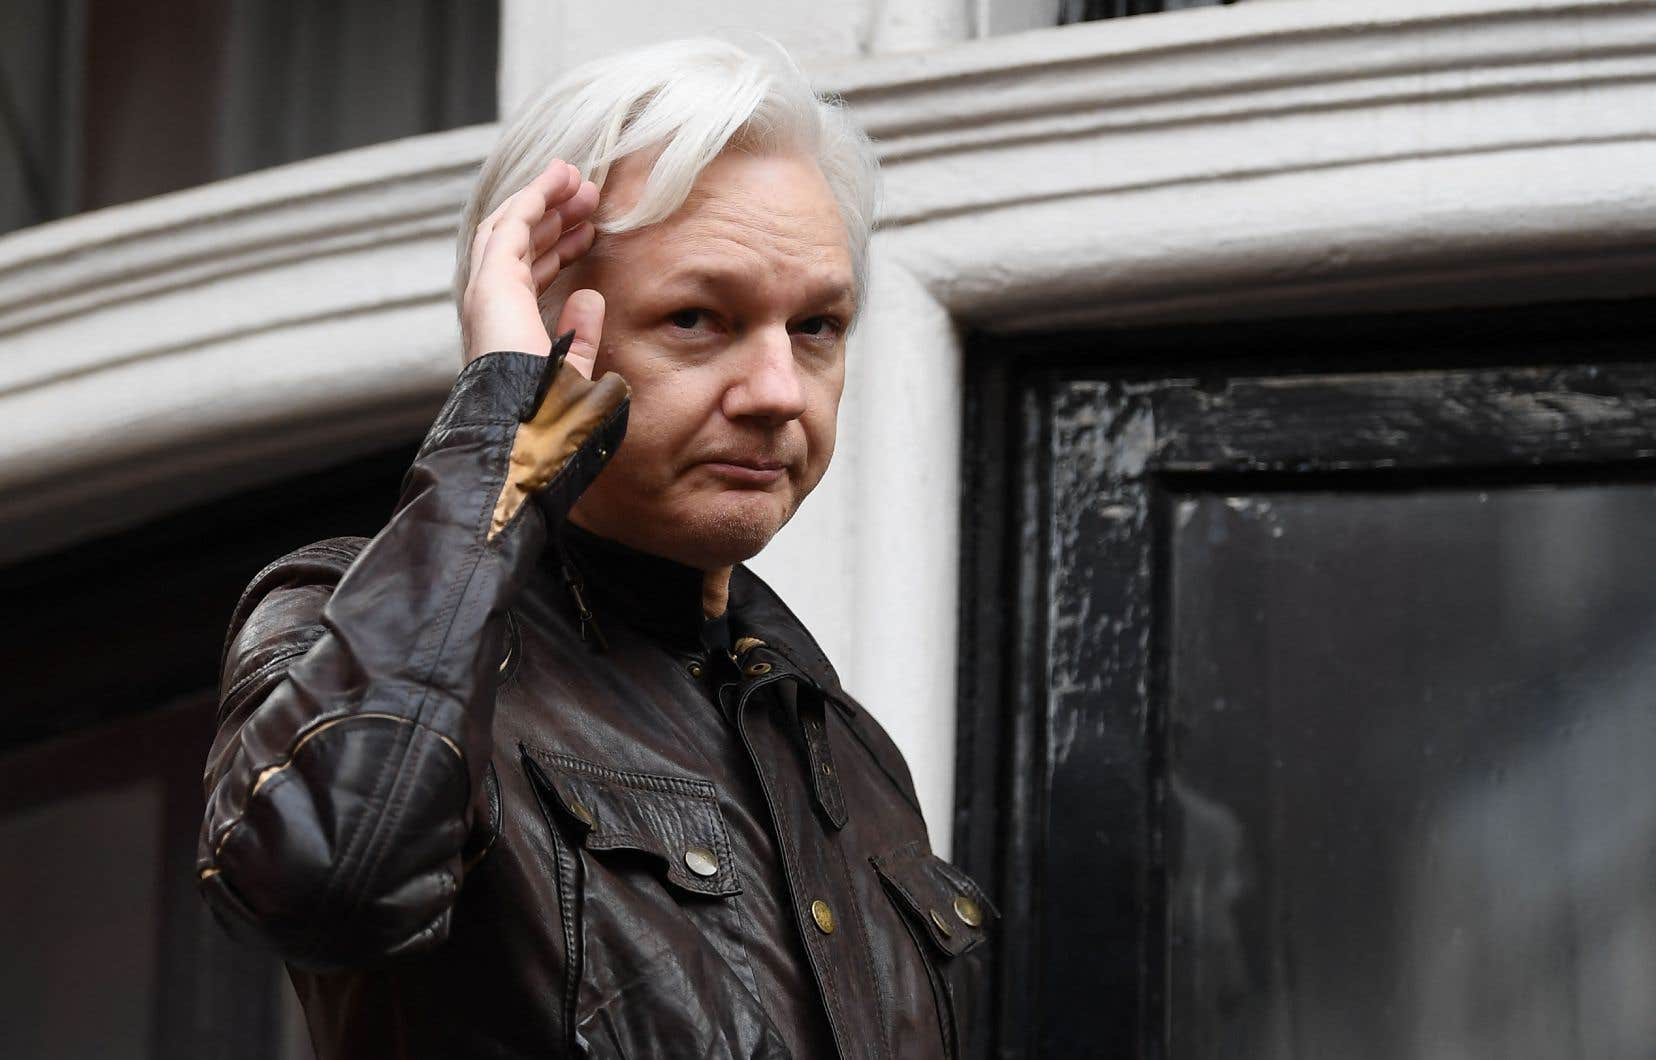 Julian Assange a été arrêté par la police britannique en avril 2019 après avoir passé sept ans reclus à l'ambassade d'Équateur à Londres.